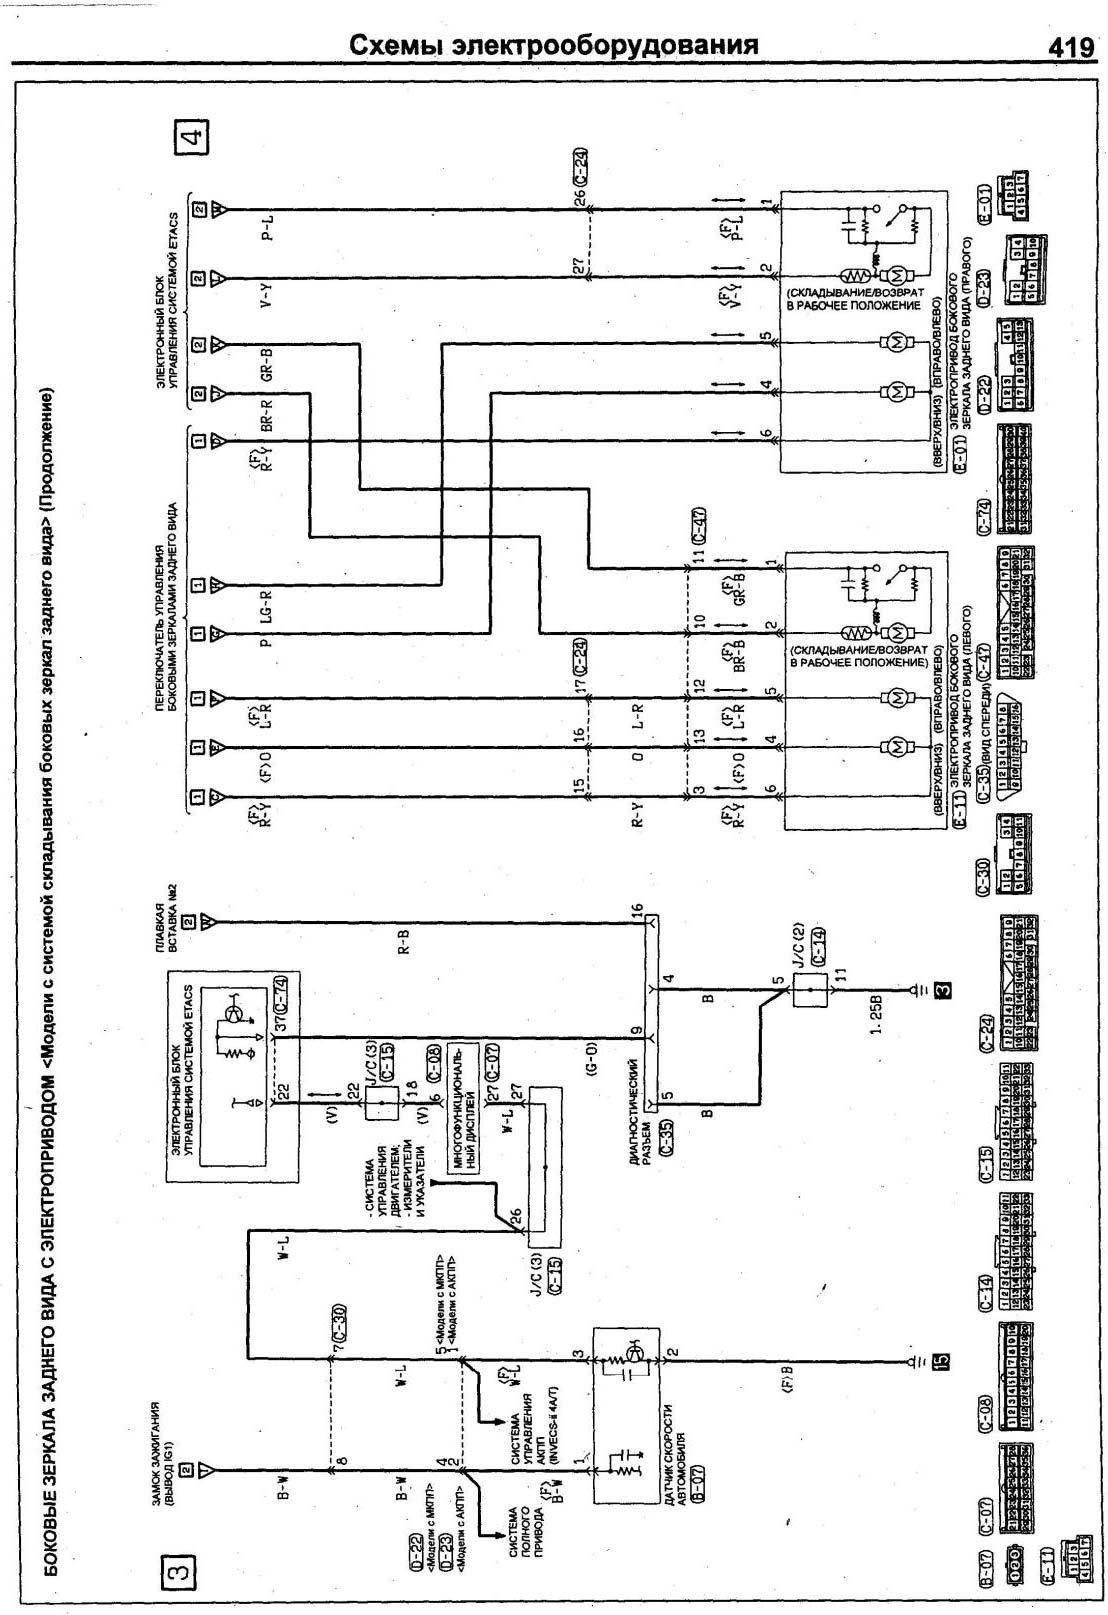 Инструкцию Электрической Схемы Mitsubishi Emeraude